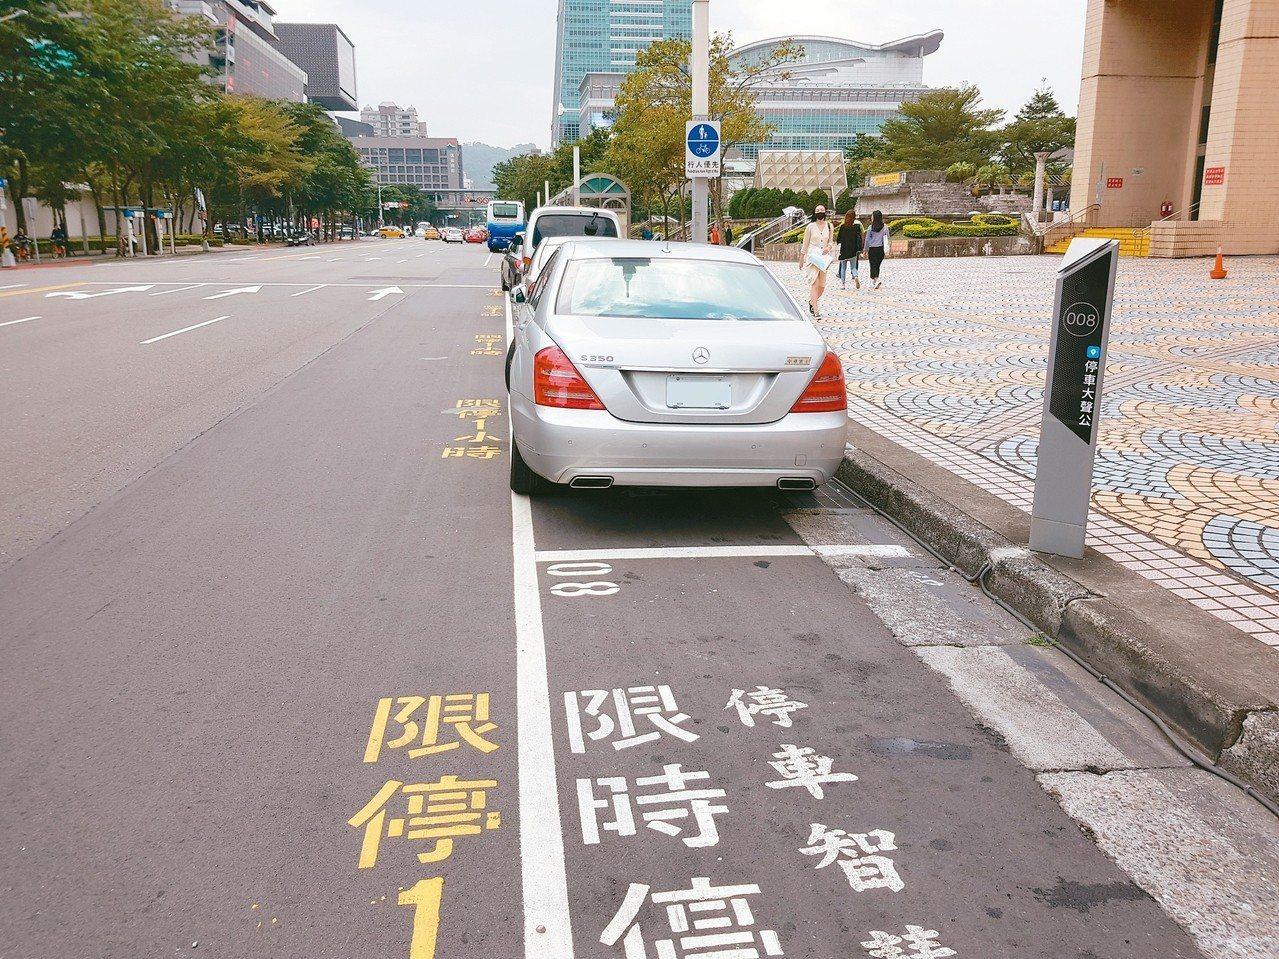 北市推智慧城市,今年9月起透過多家業者以車輛偵測設備及App試辦路邊停車無紙化「...